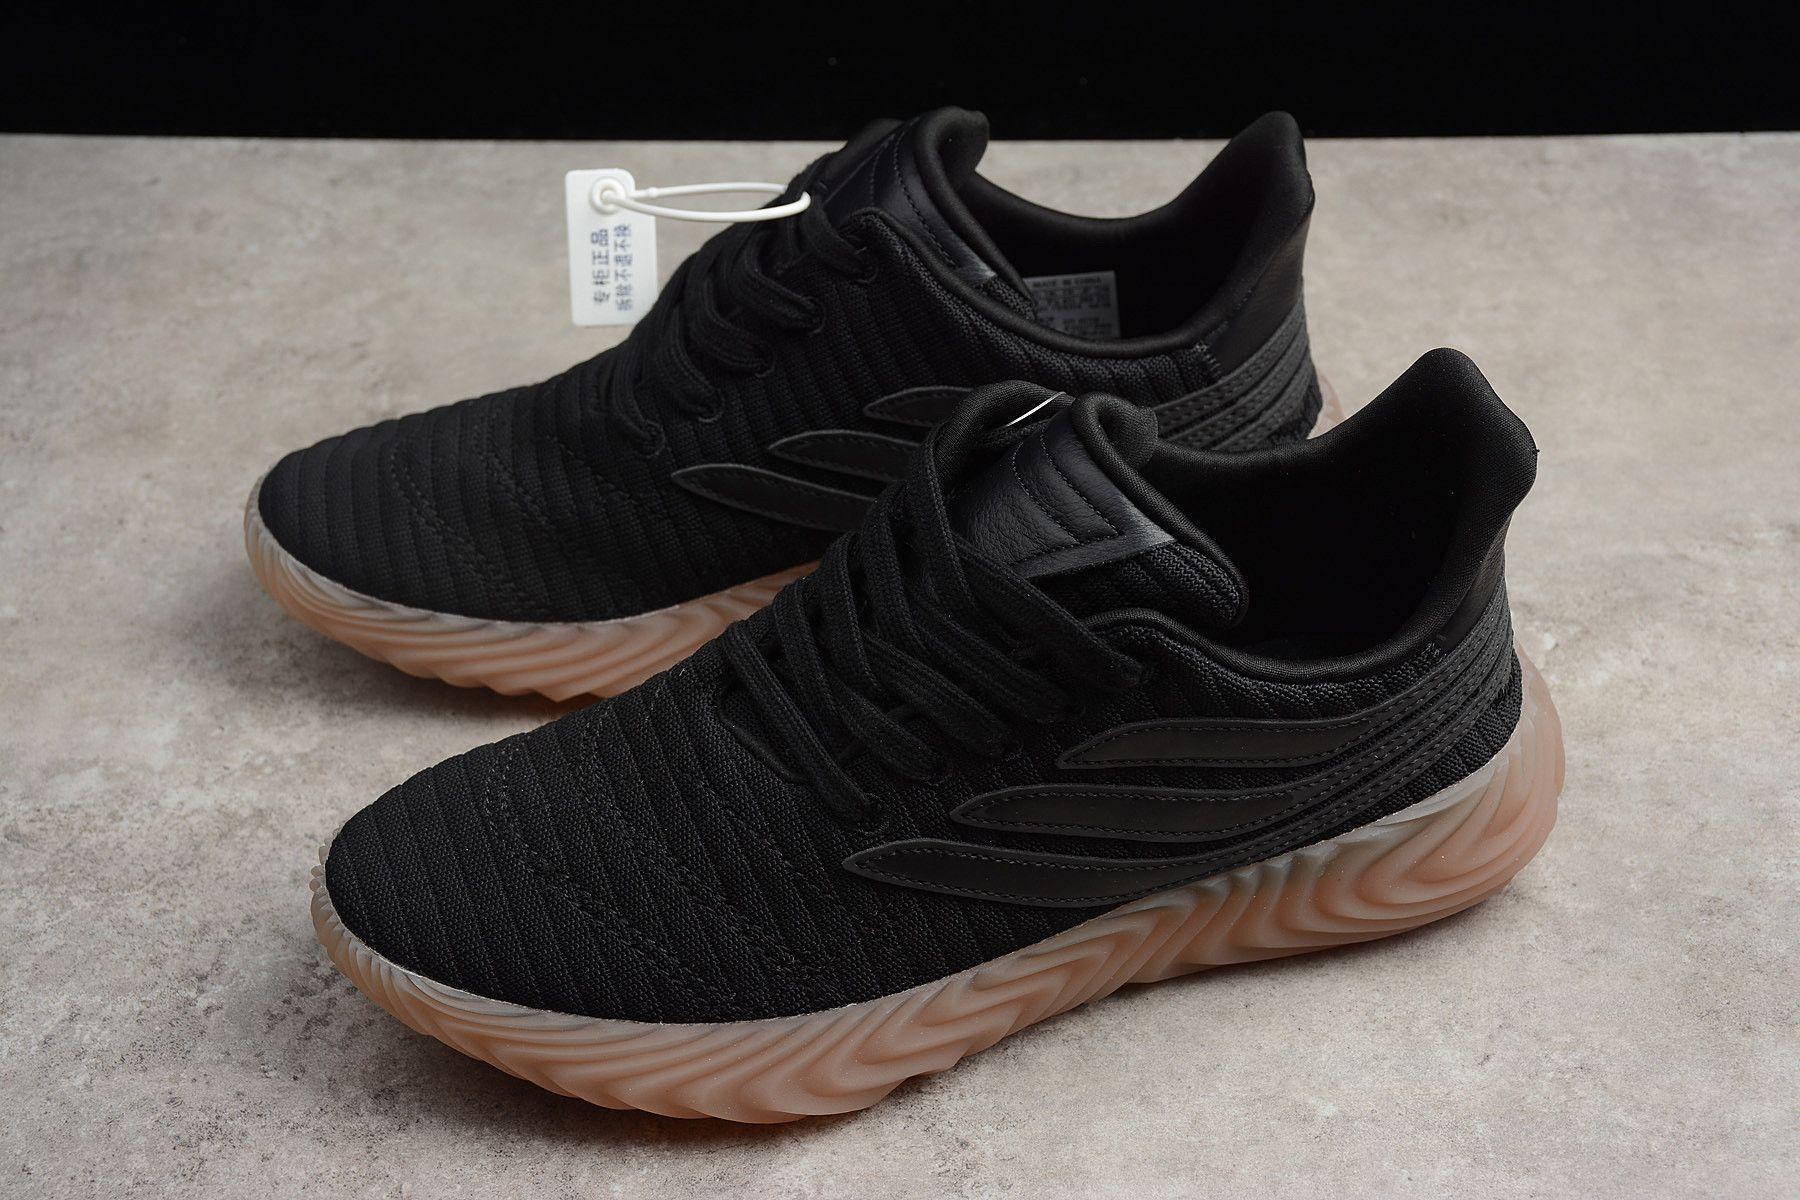 on sale f399d b126e Mens adidas Sobakov Black Gum AQ1138 Free Shipping